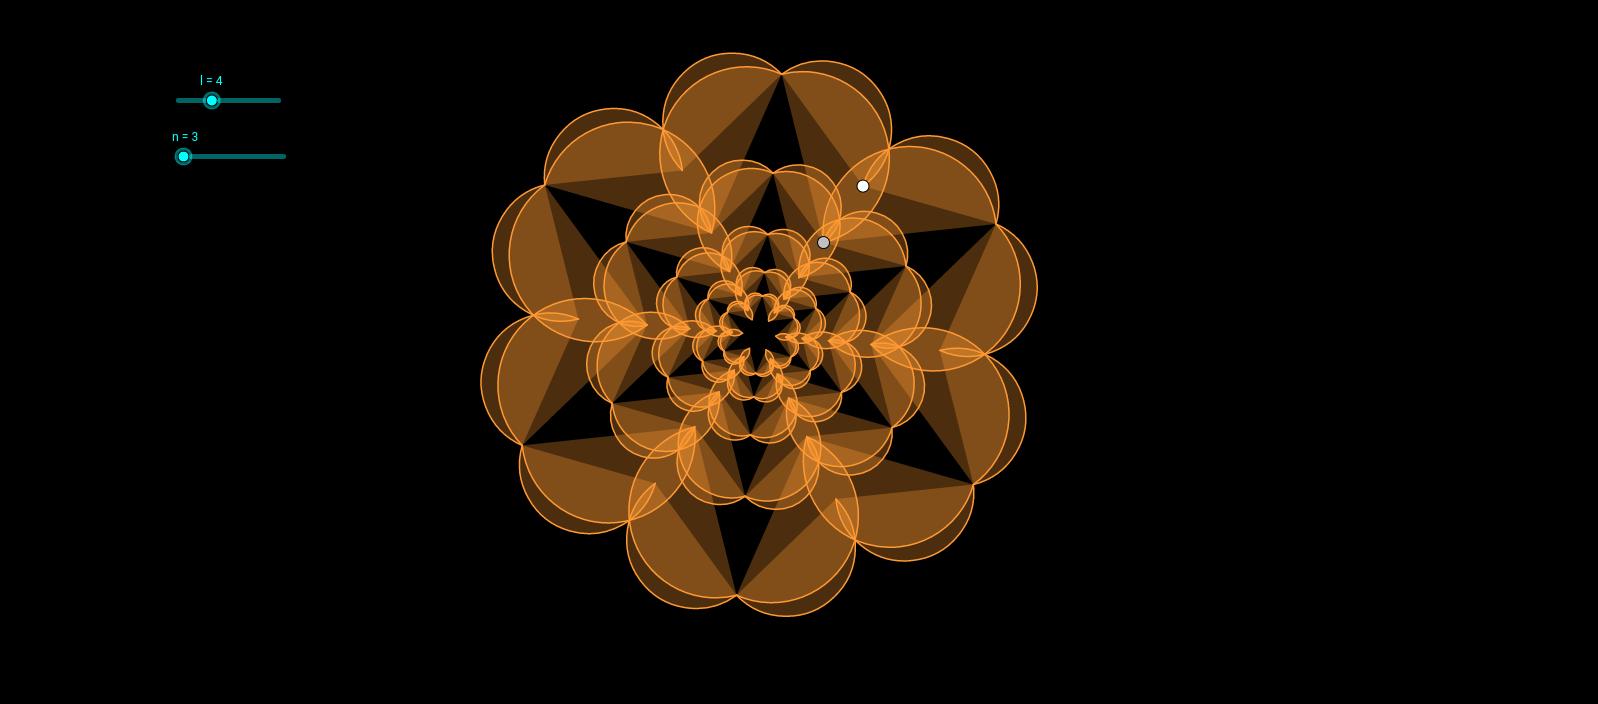 diseño radial con arcos